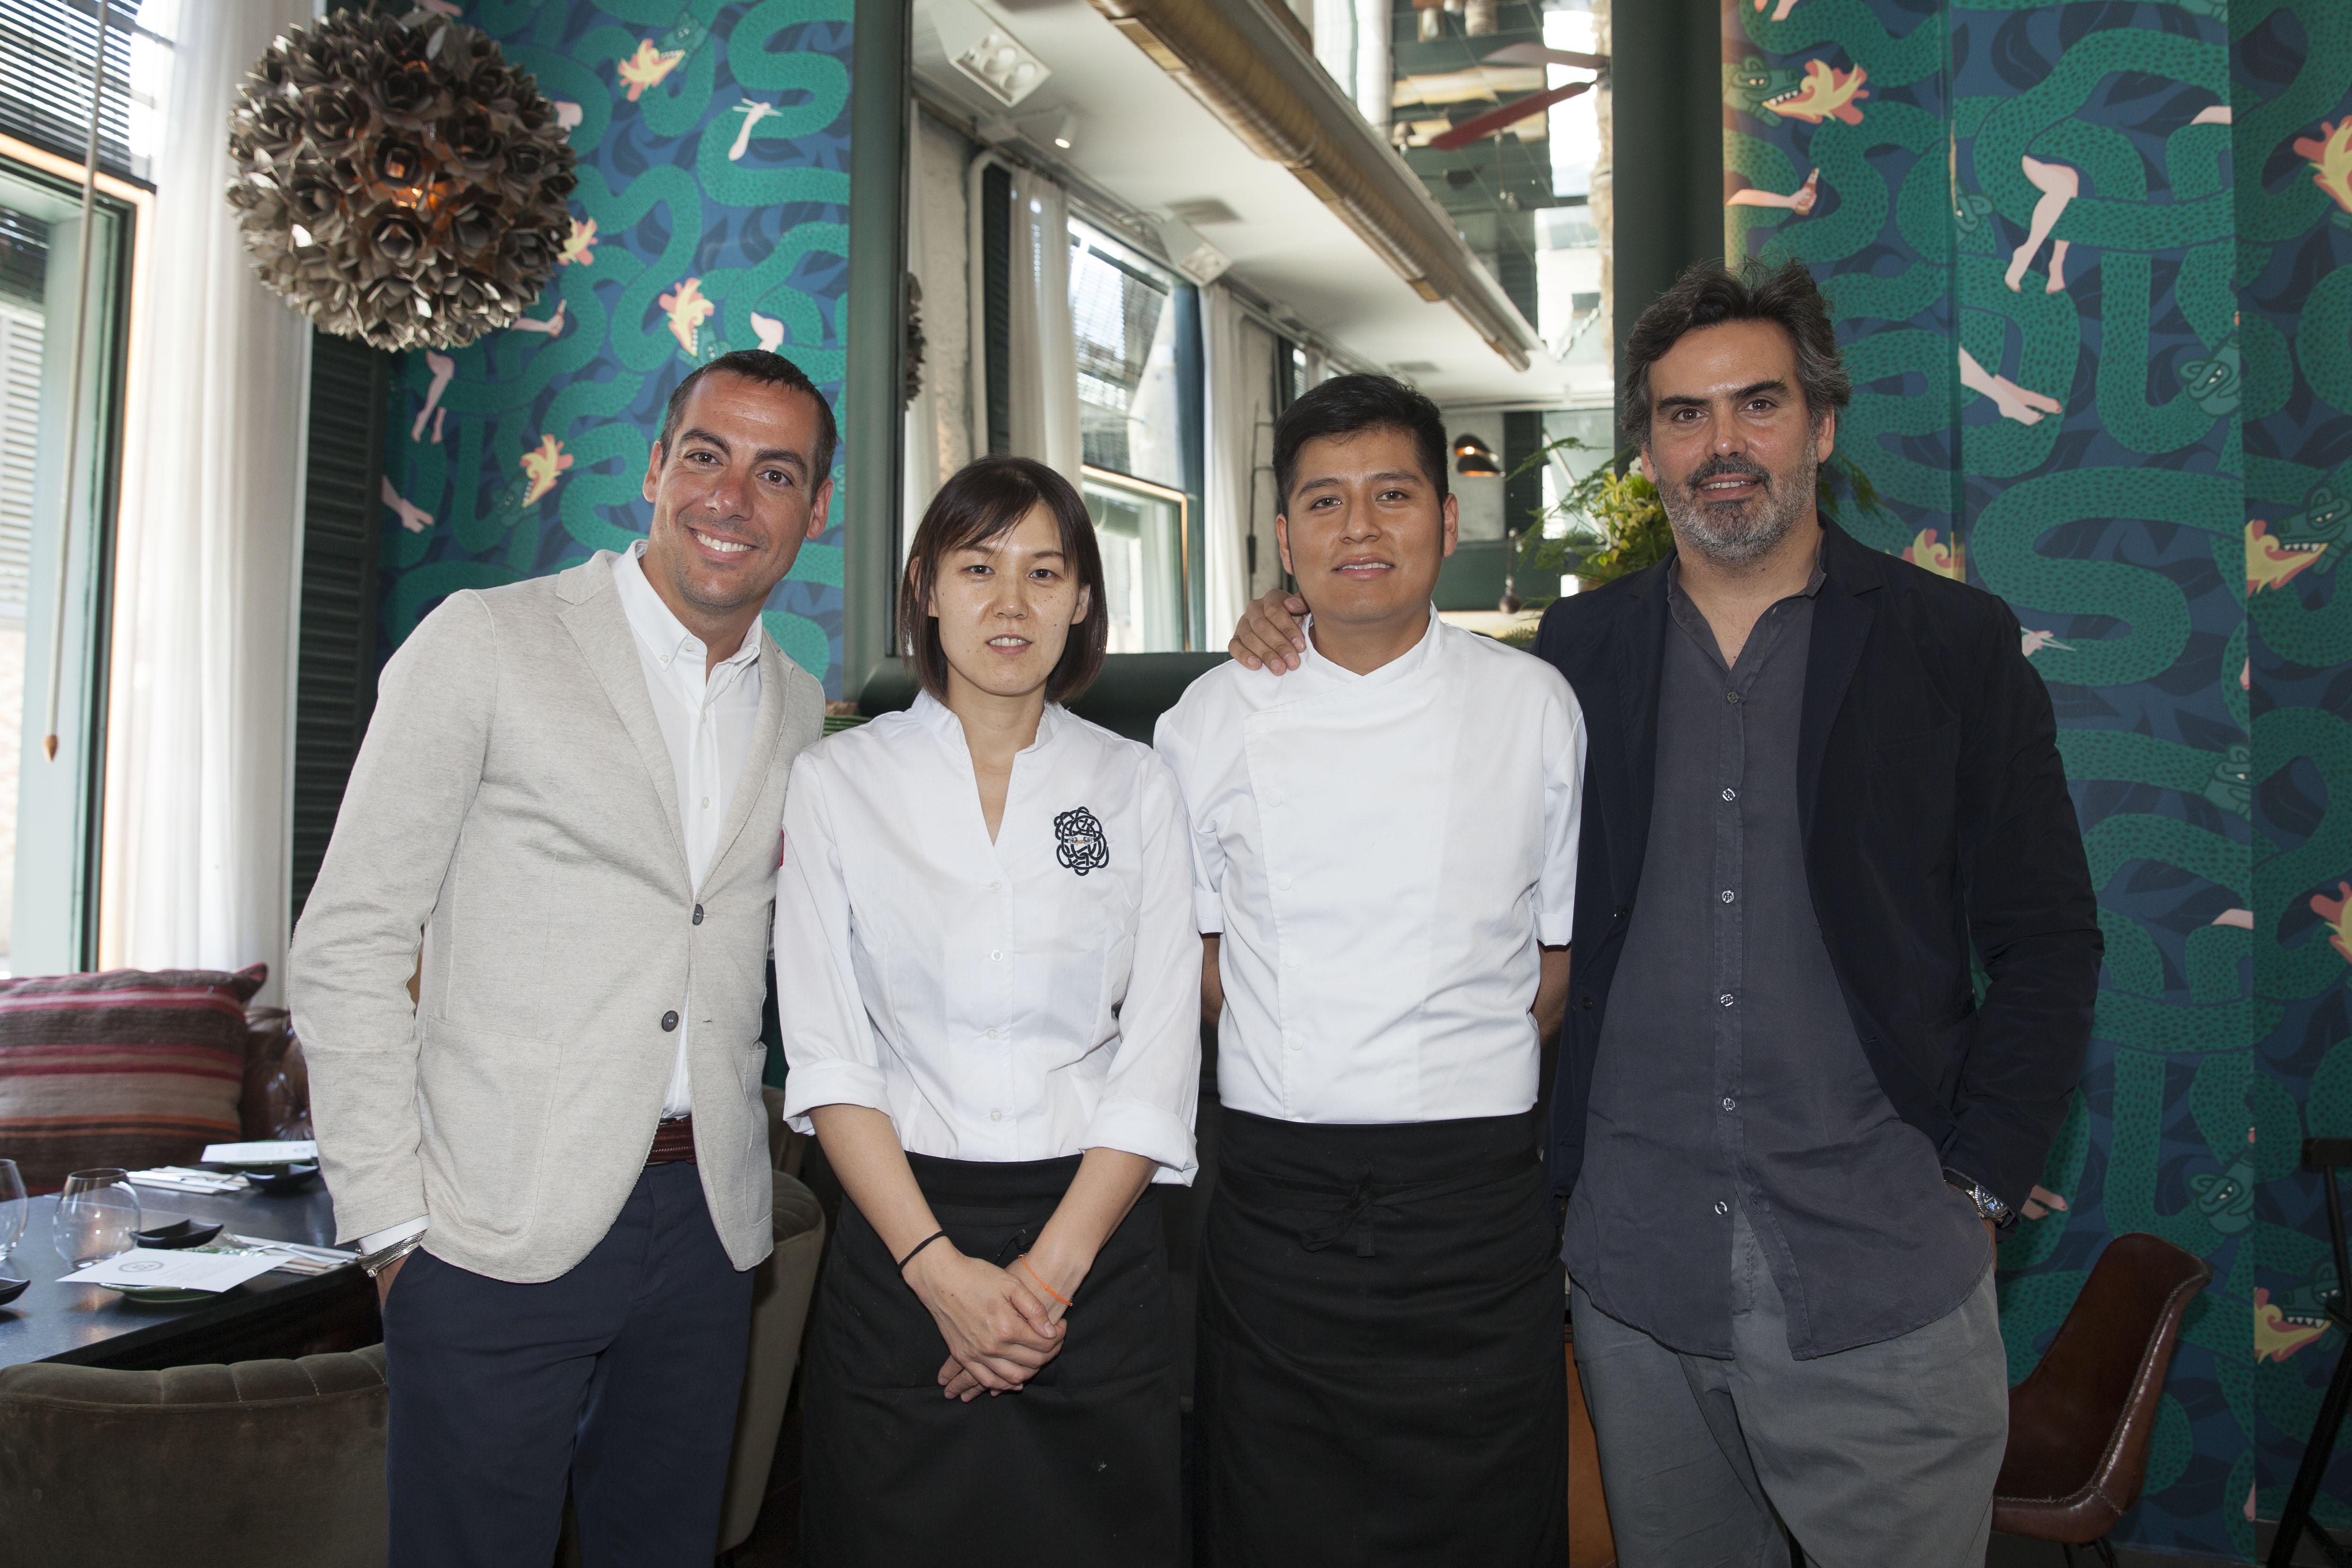 Derby Hotels y Grupo San Telmo junto a los chefs